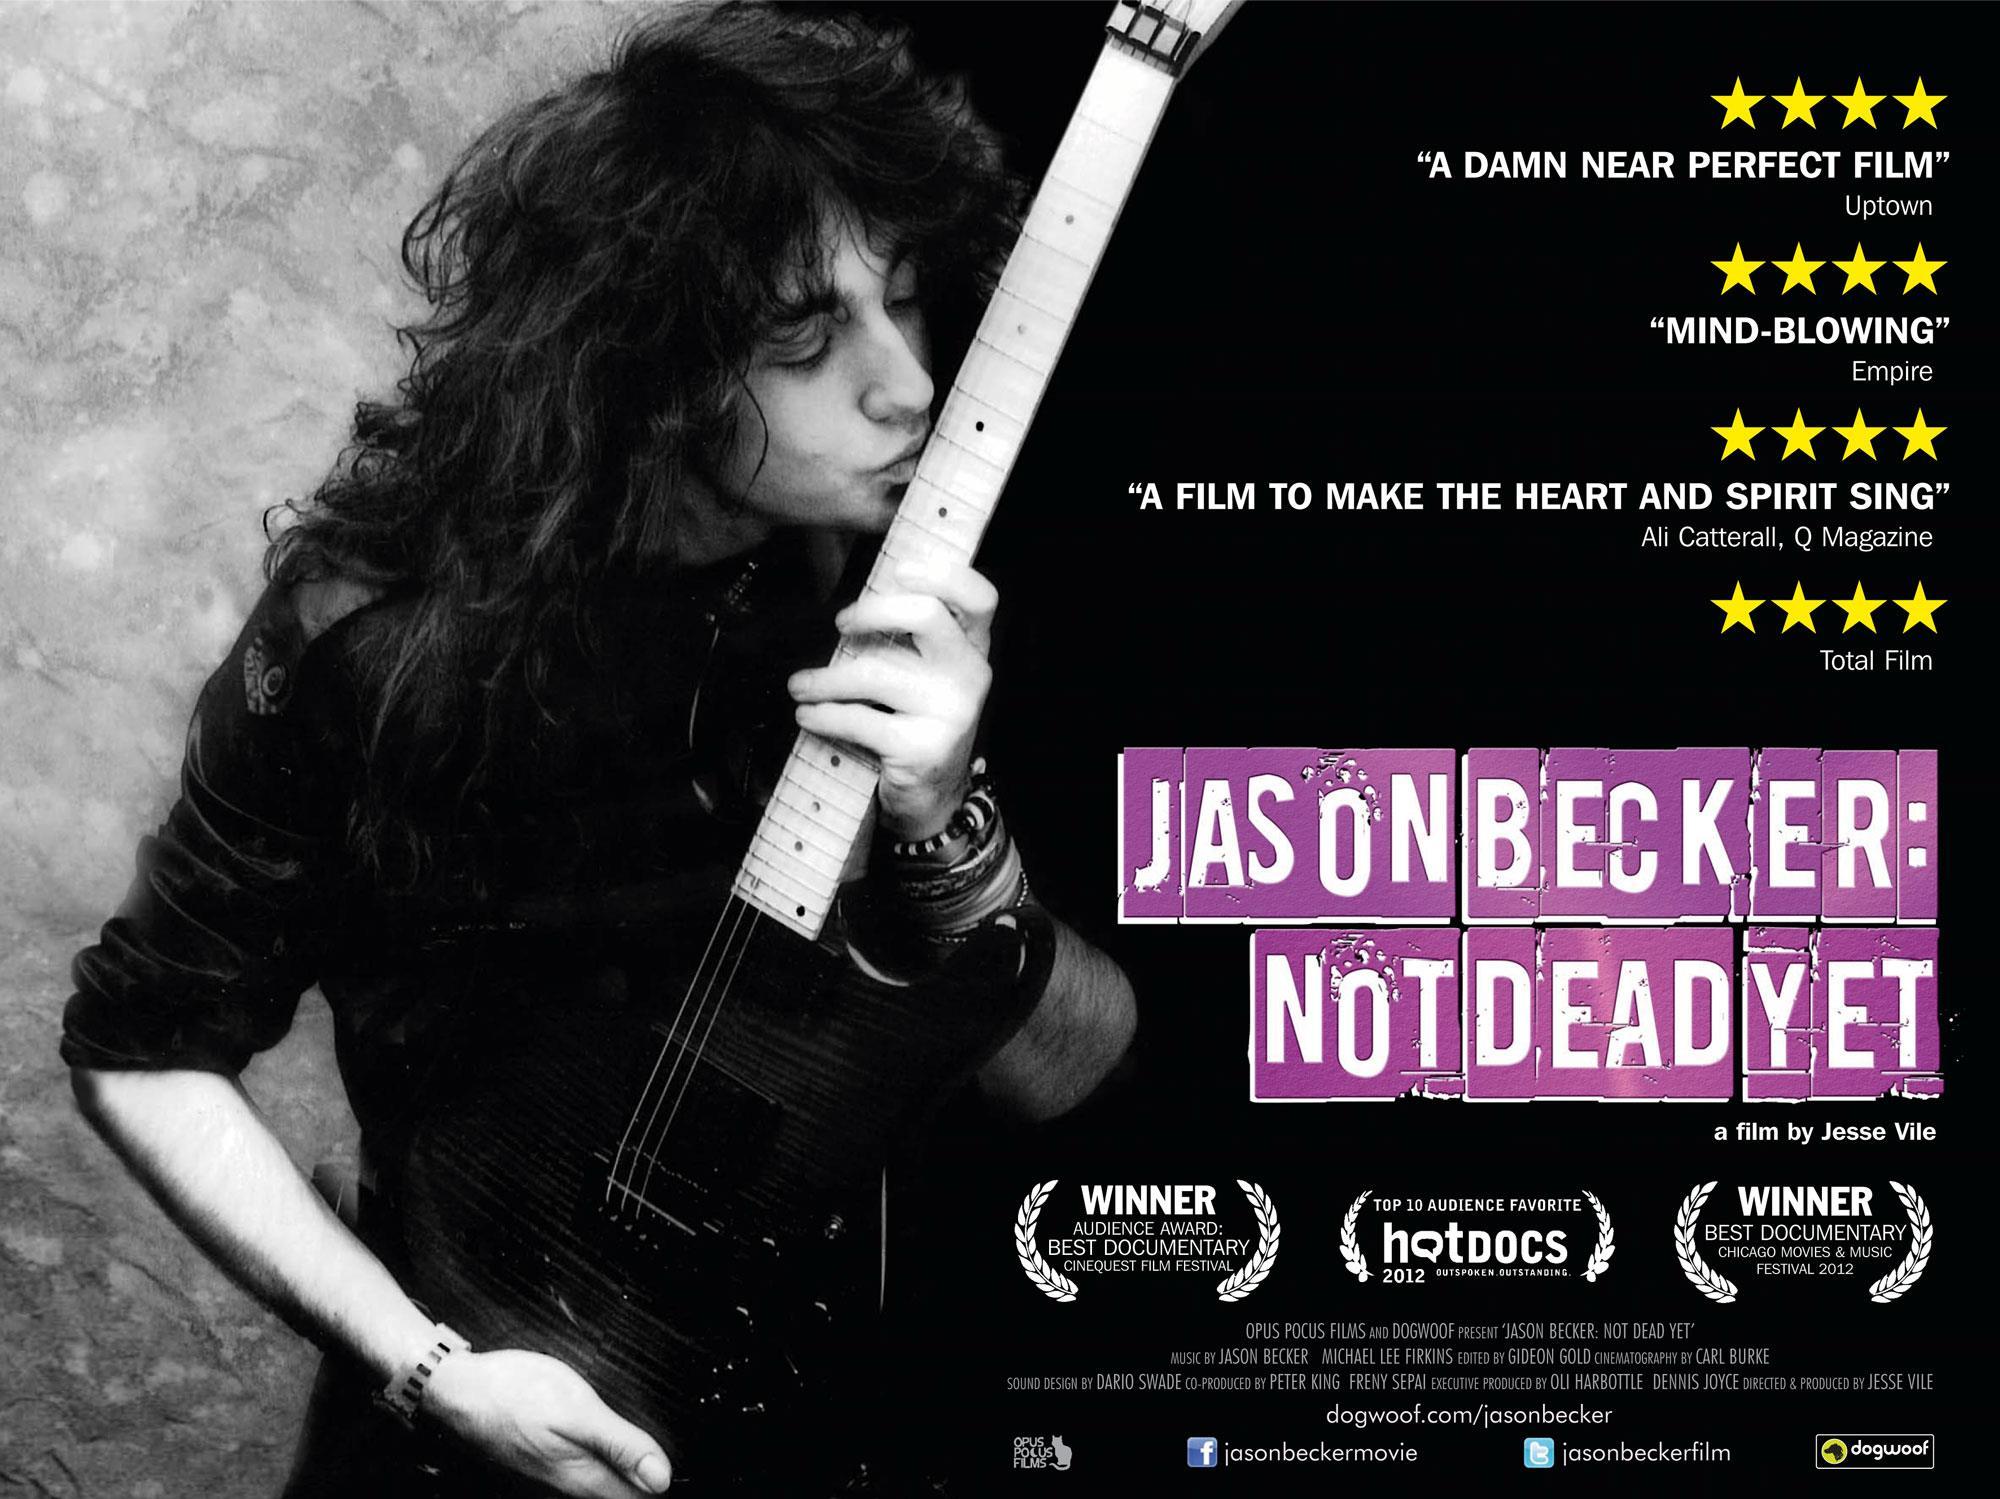 NOT DEAD YET FILM POSTER UK